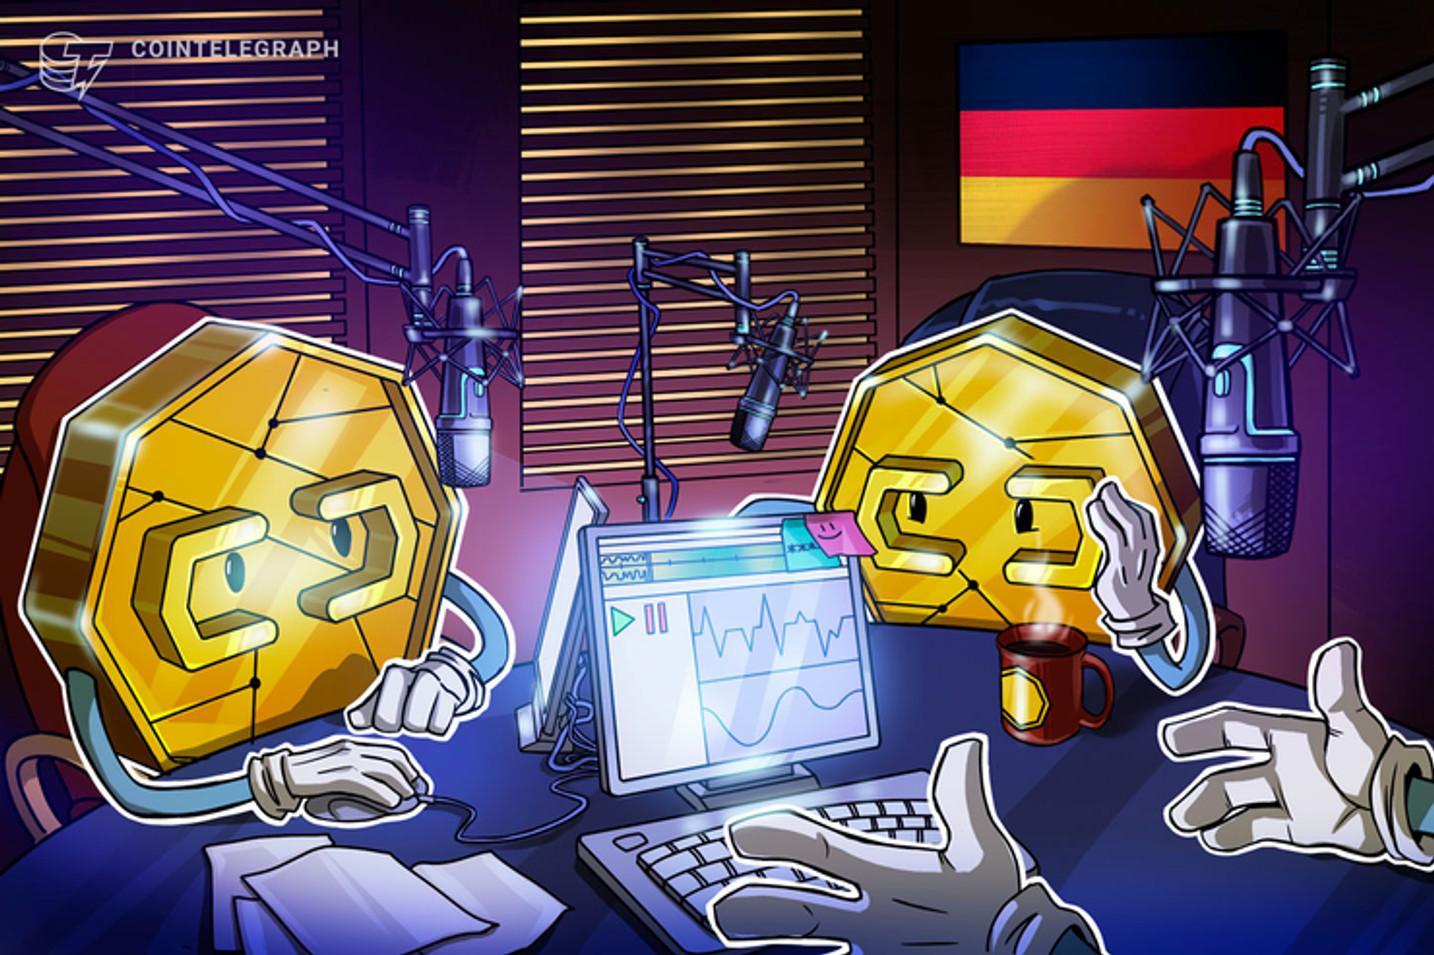 Deutsche Bundesregierung beschließt Blockchain-Strategie